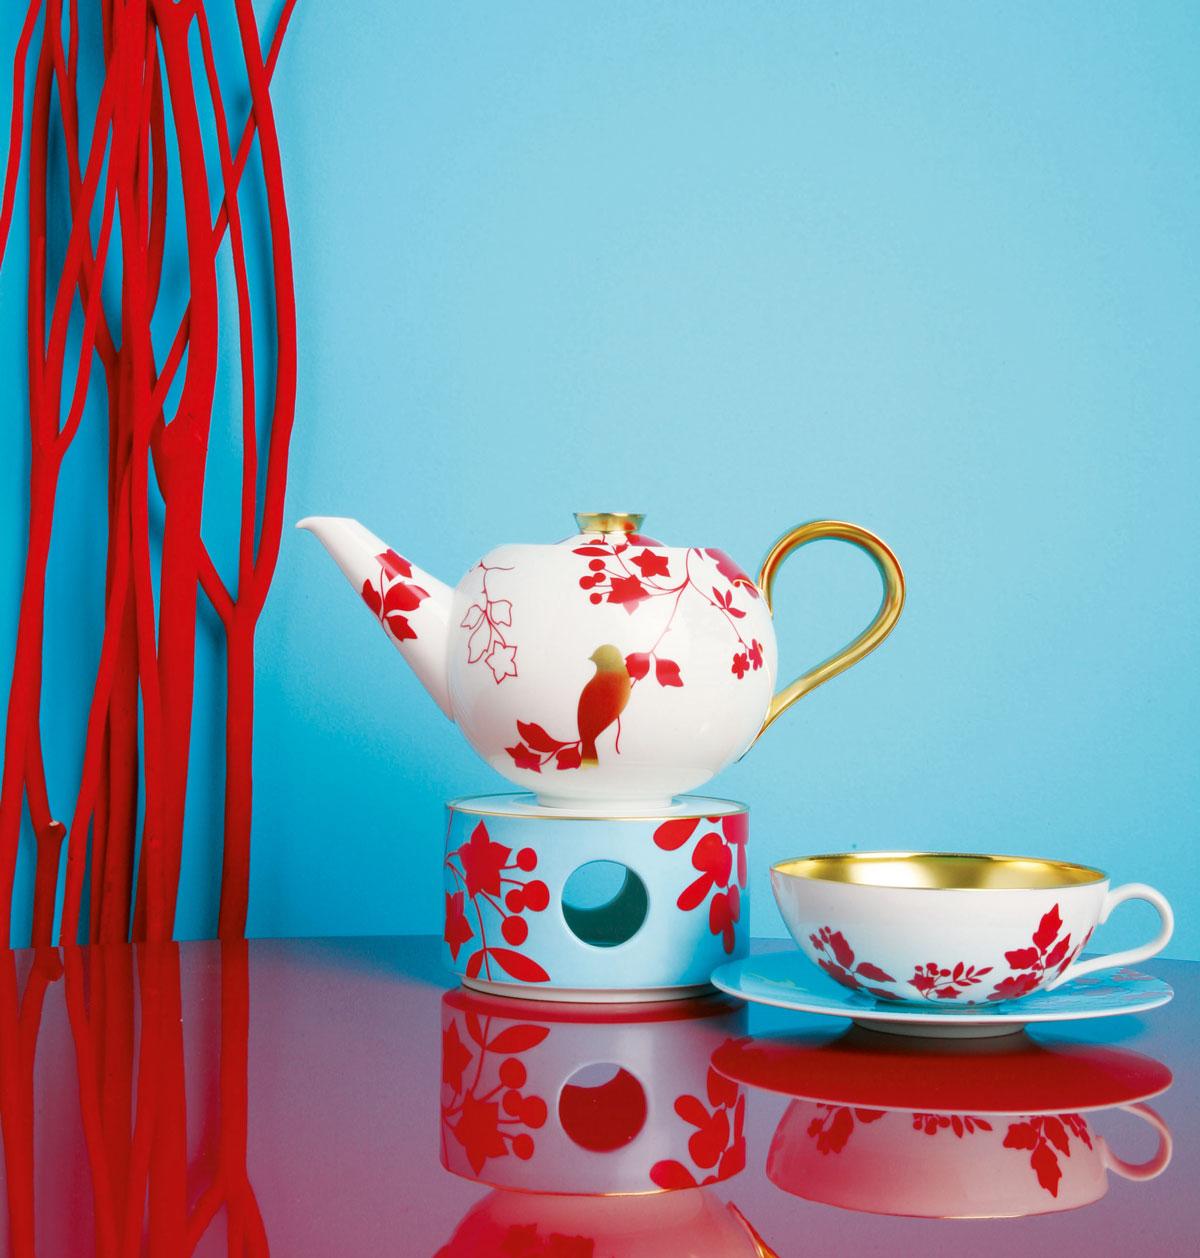 Invitatie eleganta la ceai